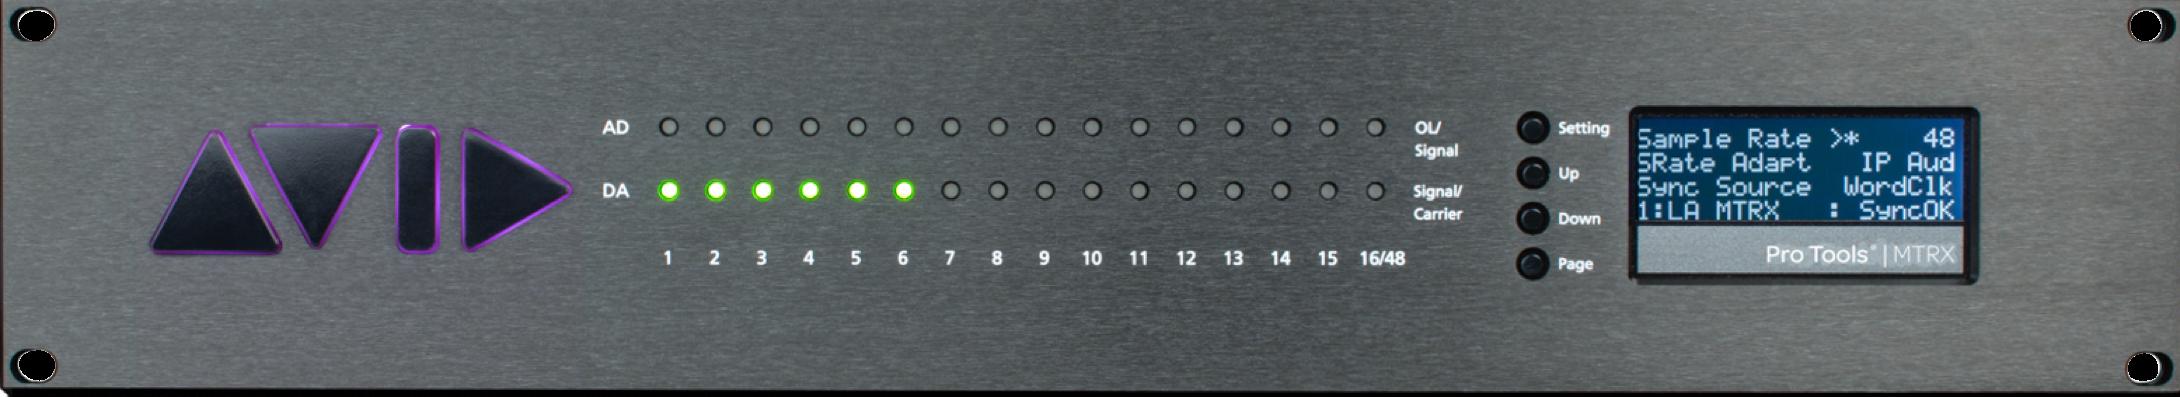 News: Neues Avid Interface in Zusammenarbeit mit Digital Audio Denmark